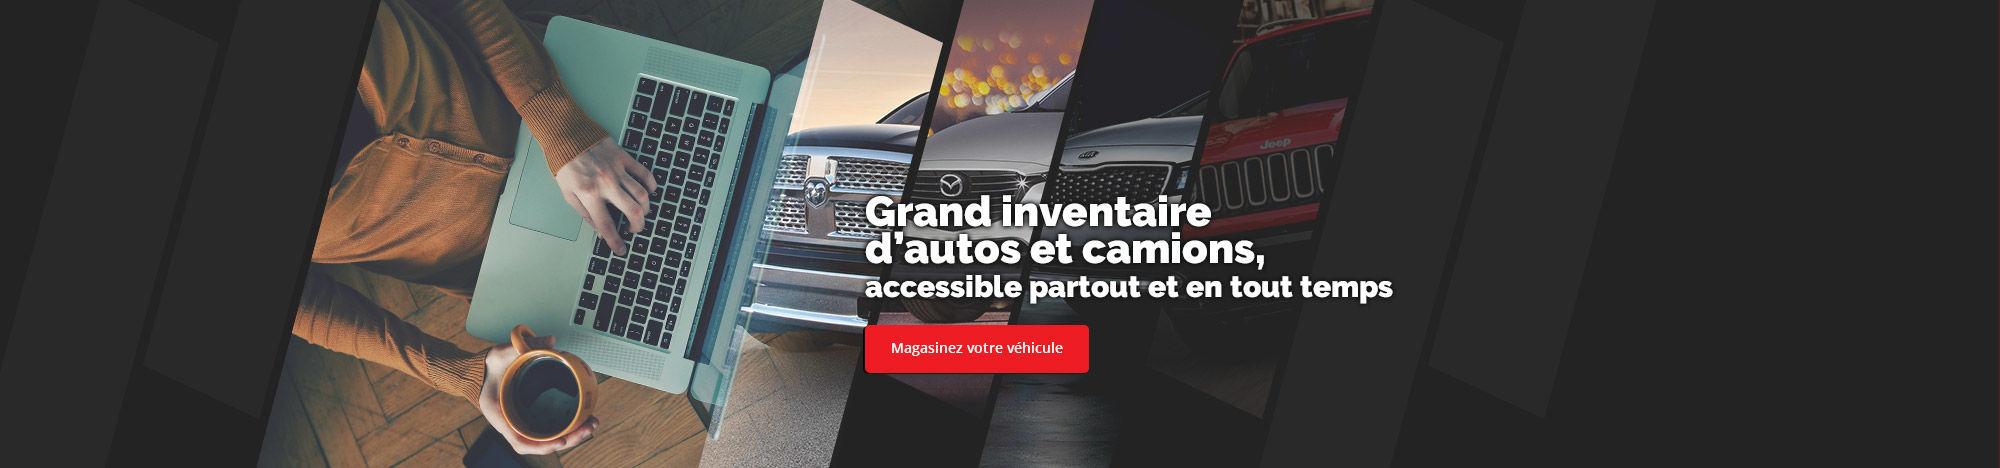 Grand inventaire d'autos et camions